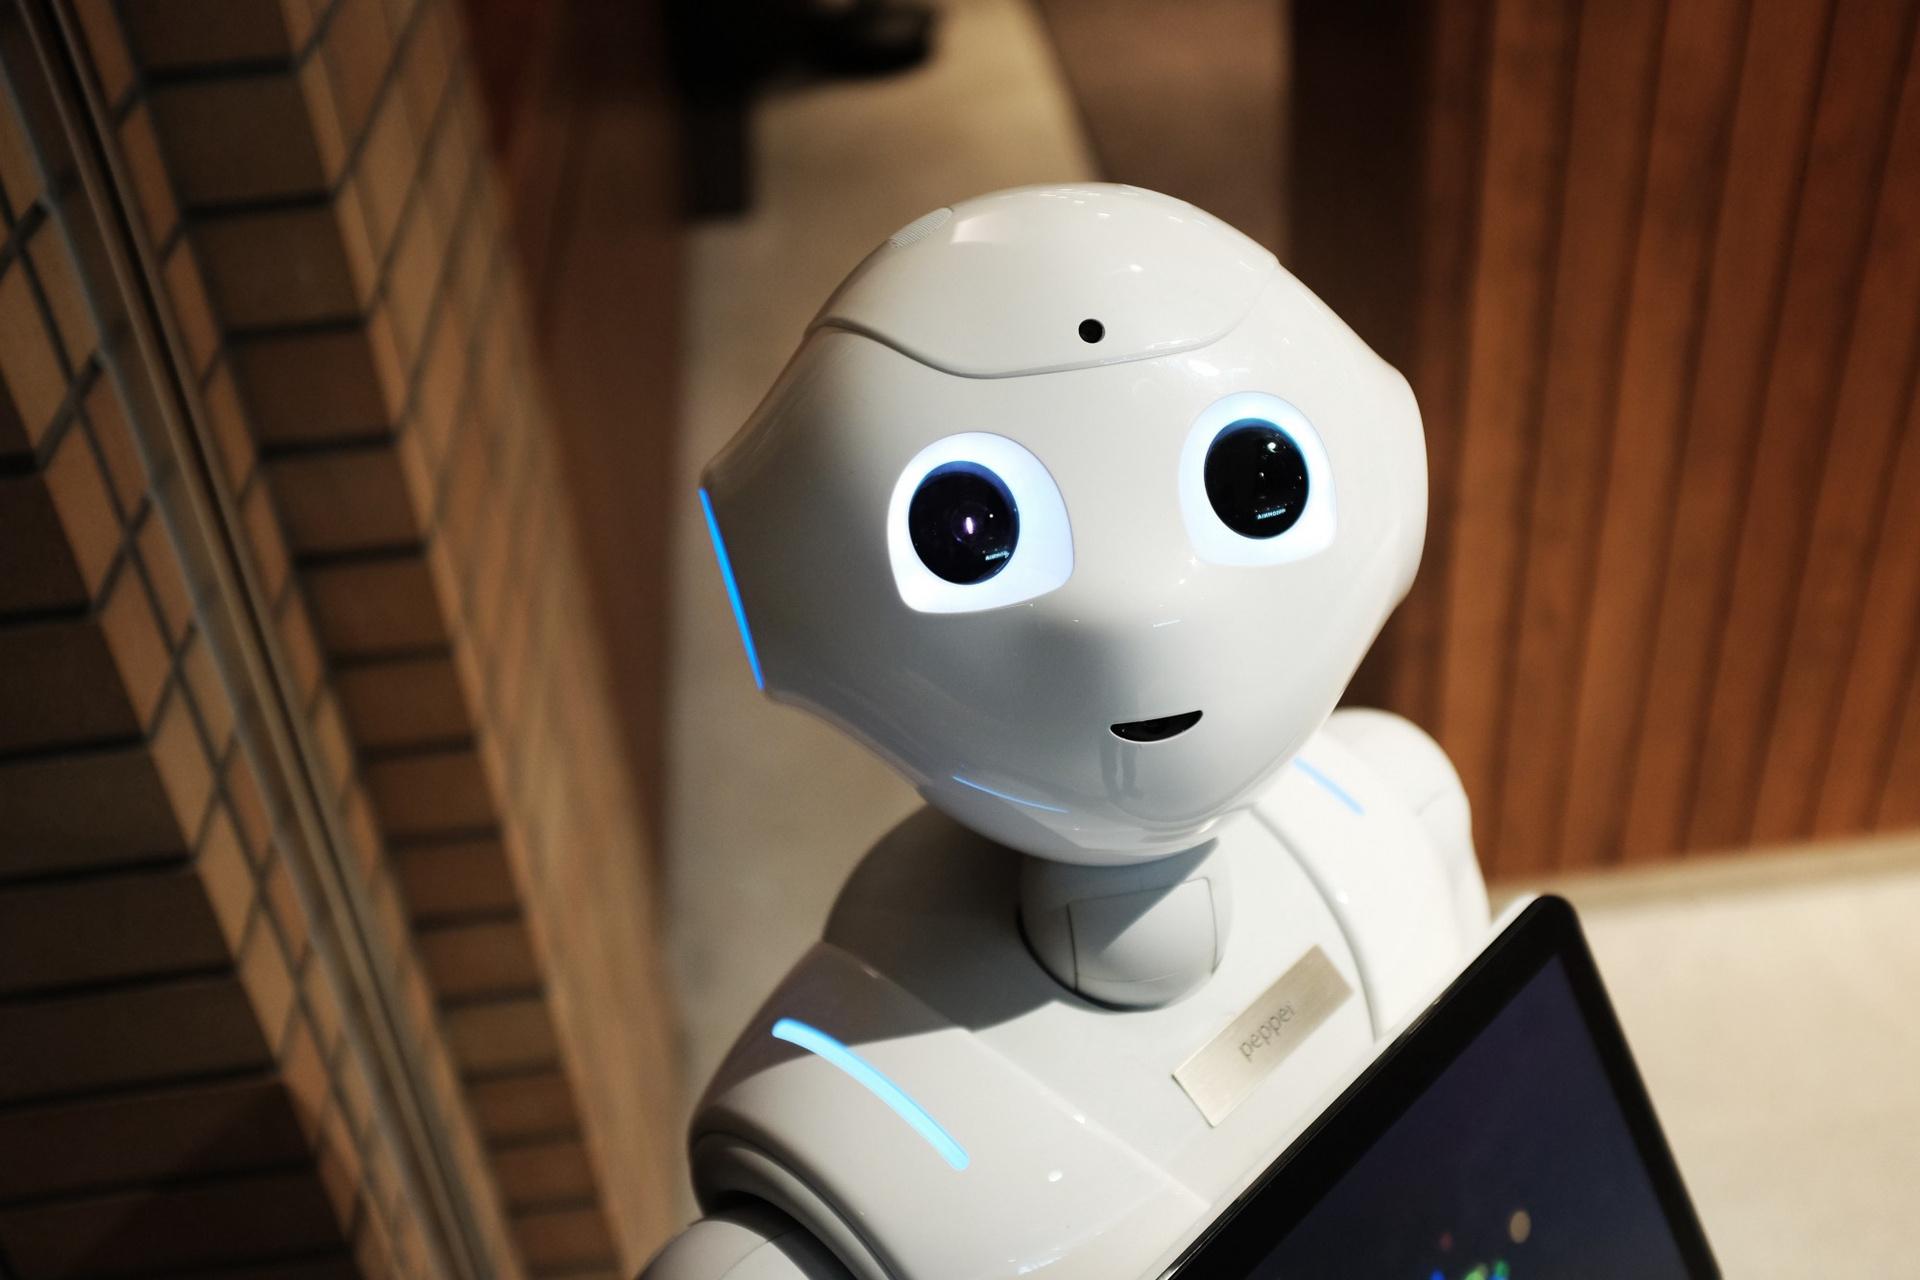 [Перевод] Шесть технологических трендов, не связанных с ИИ, блокчейном или виртуальной реальностью